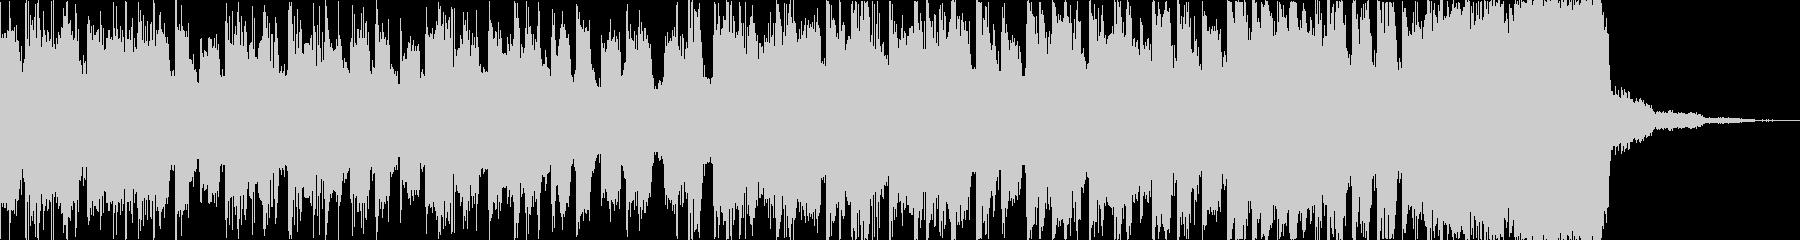 チルアウトカッコいいトロピカルハウスdの未再生の波形